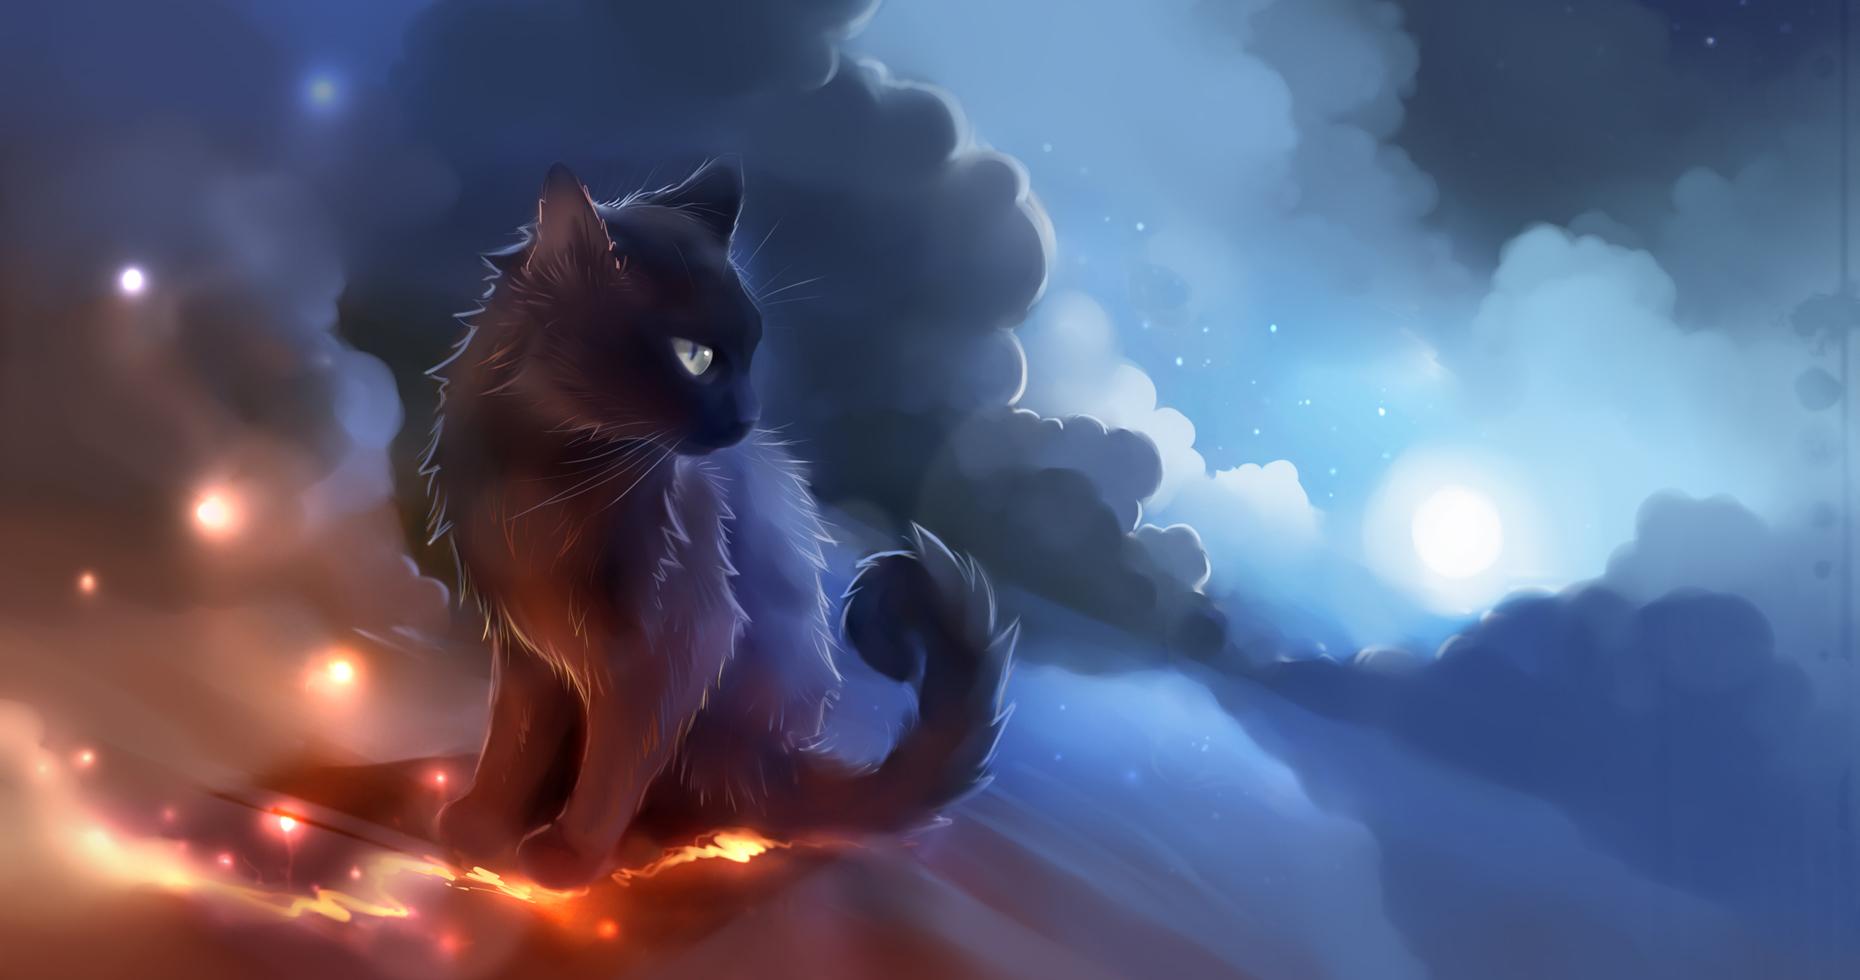 image - warriors-cats-desktop-wallpapers | animal jam clans wiki